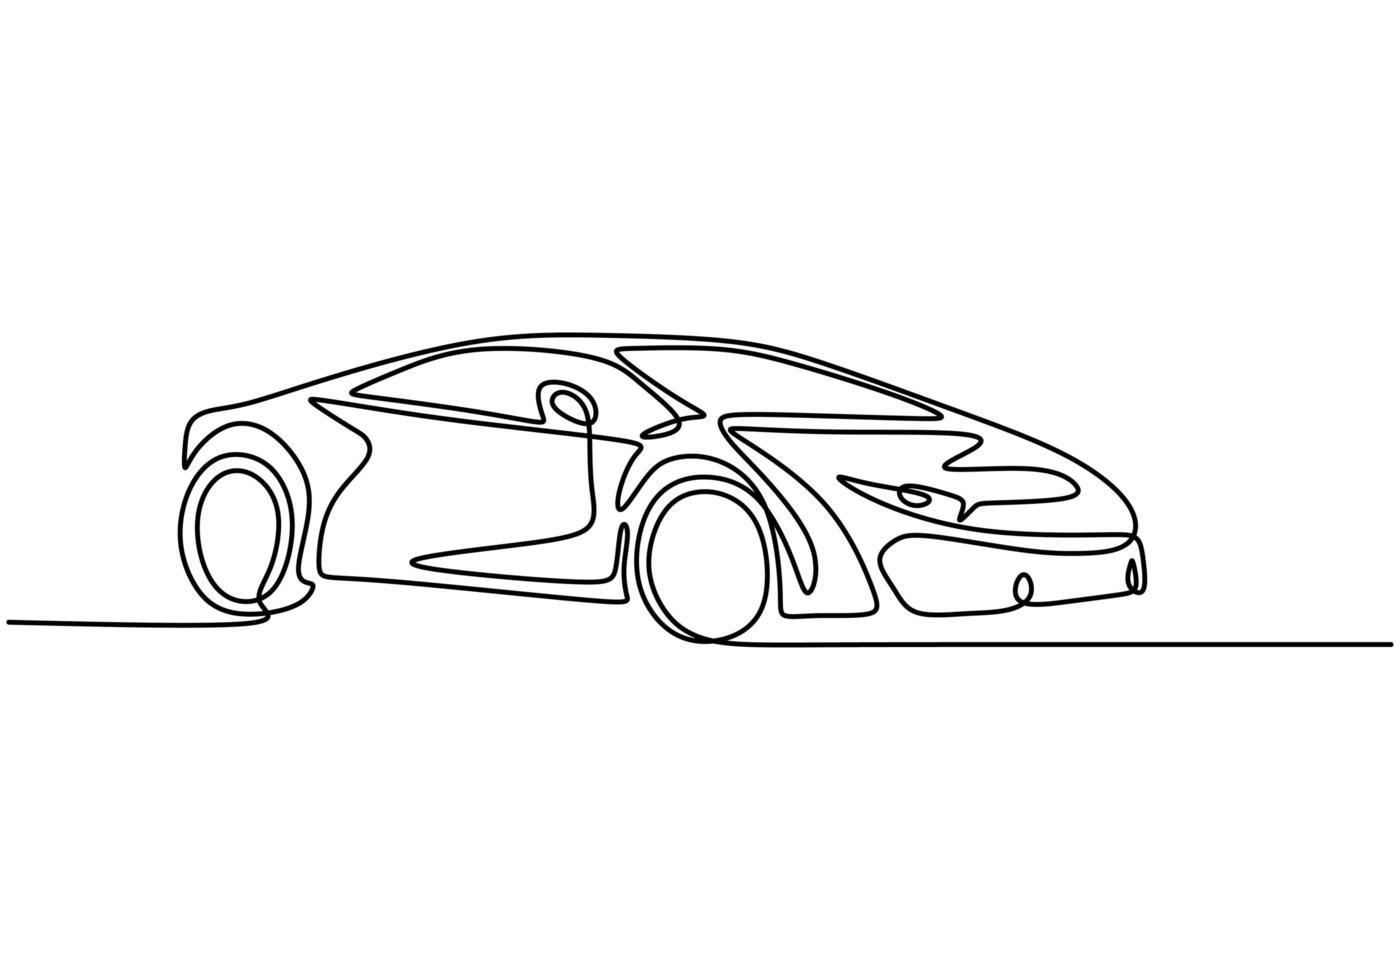 dibujo de una línea de coche. vector